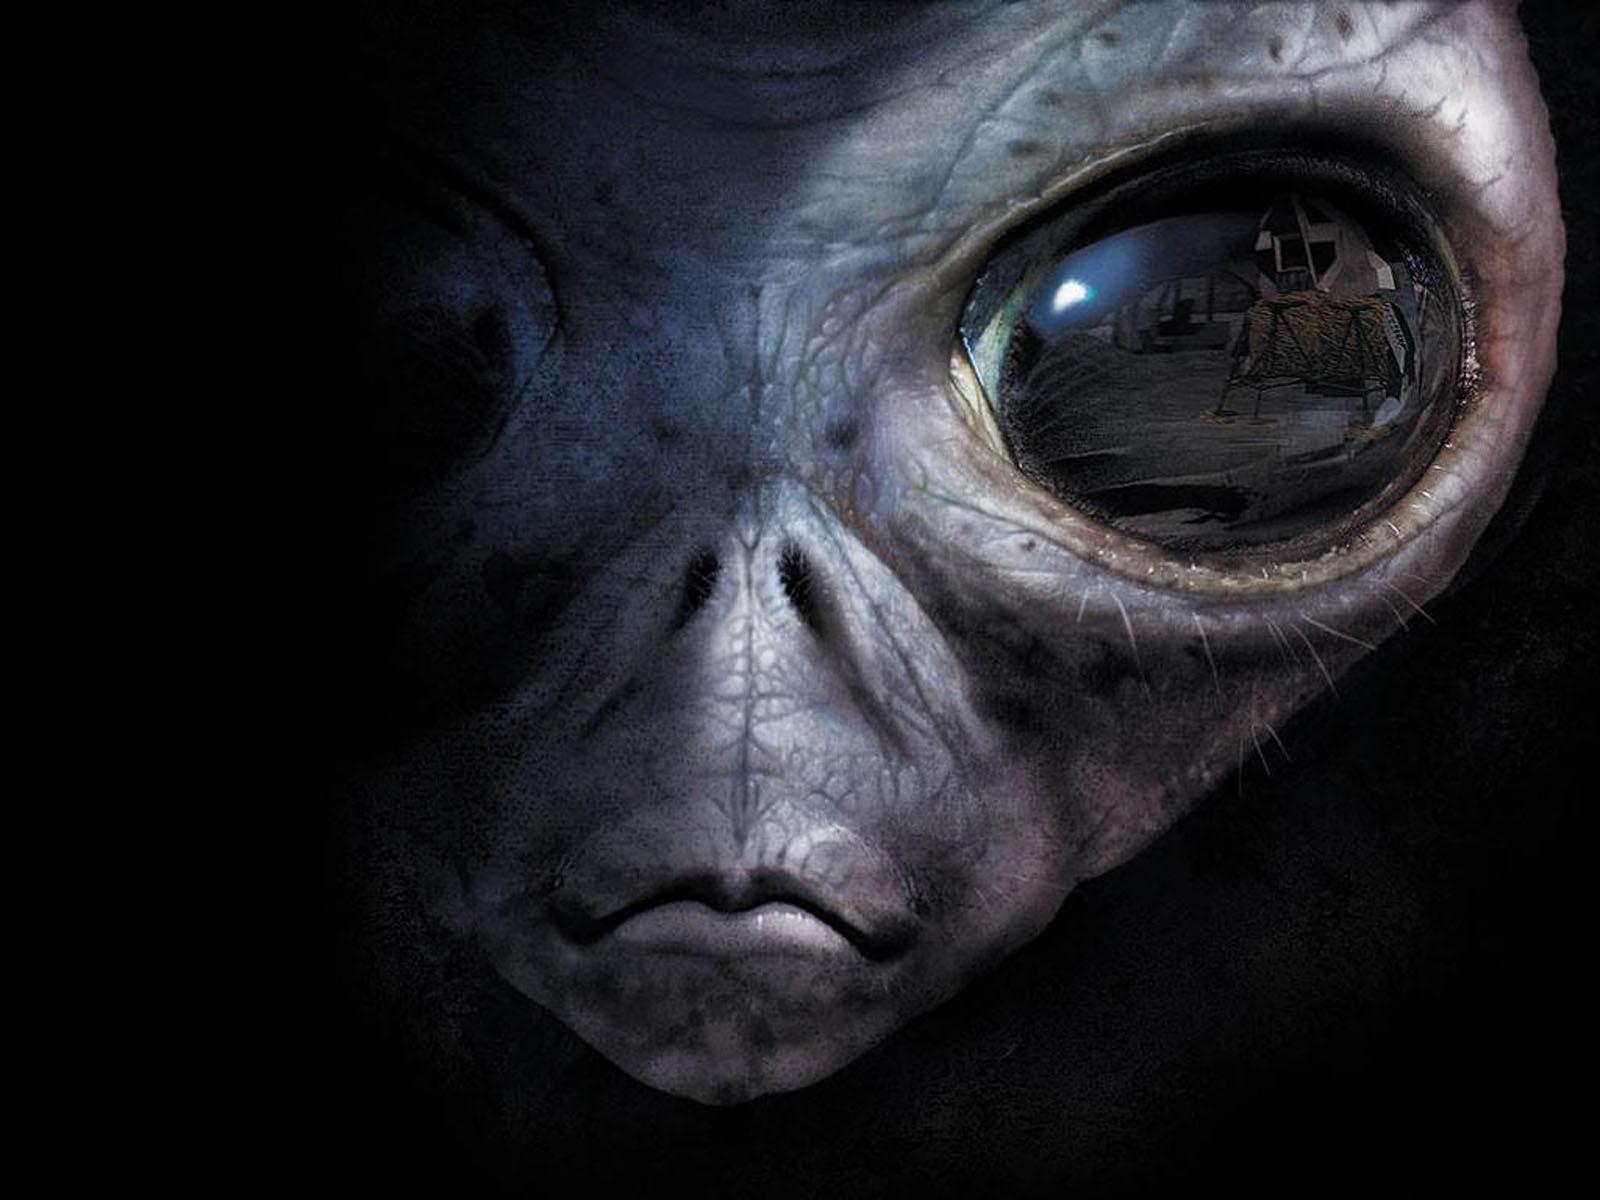 wallpaper: Alien Eyes Wallpapers